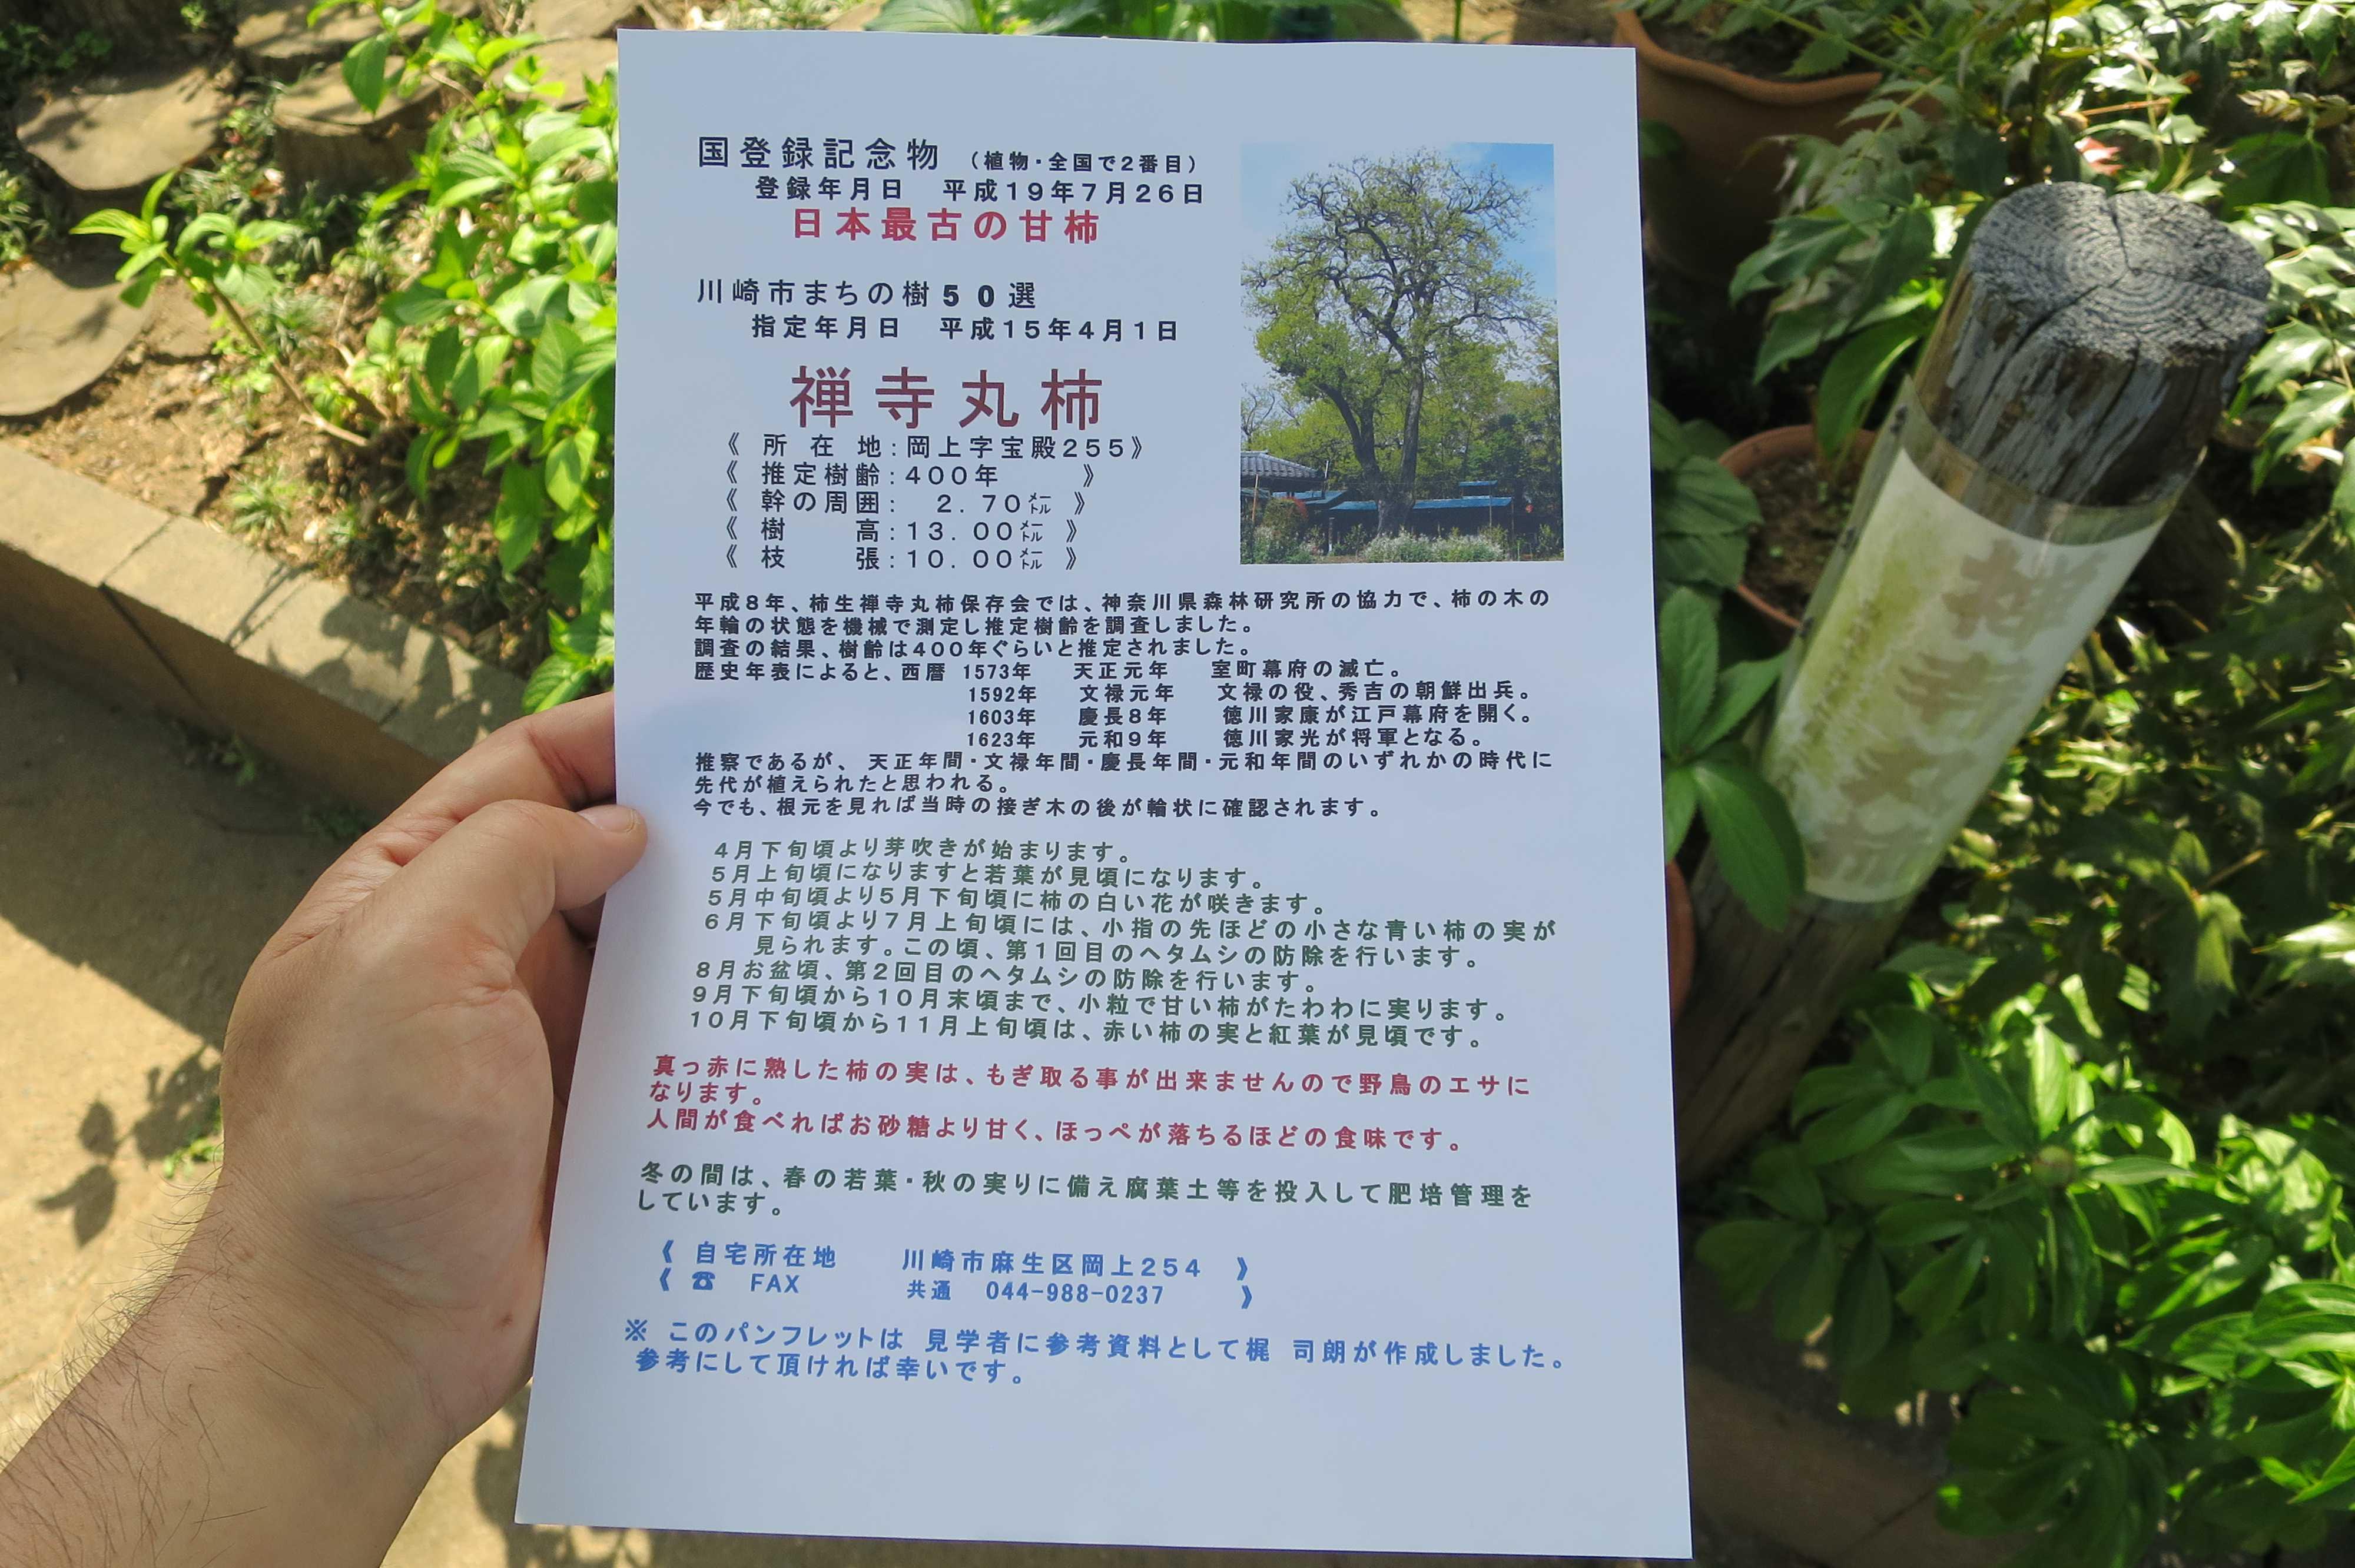 岡上の禅寺丸柿のパンフレット/説明ビラ